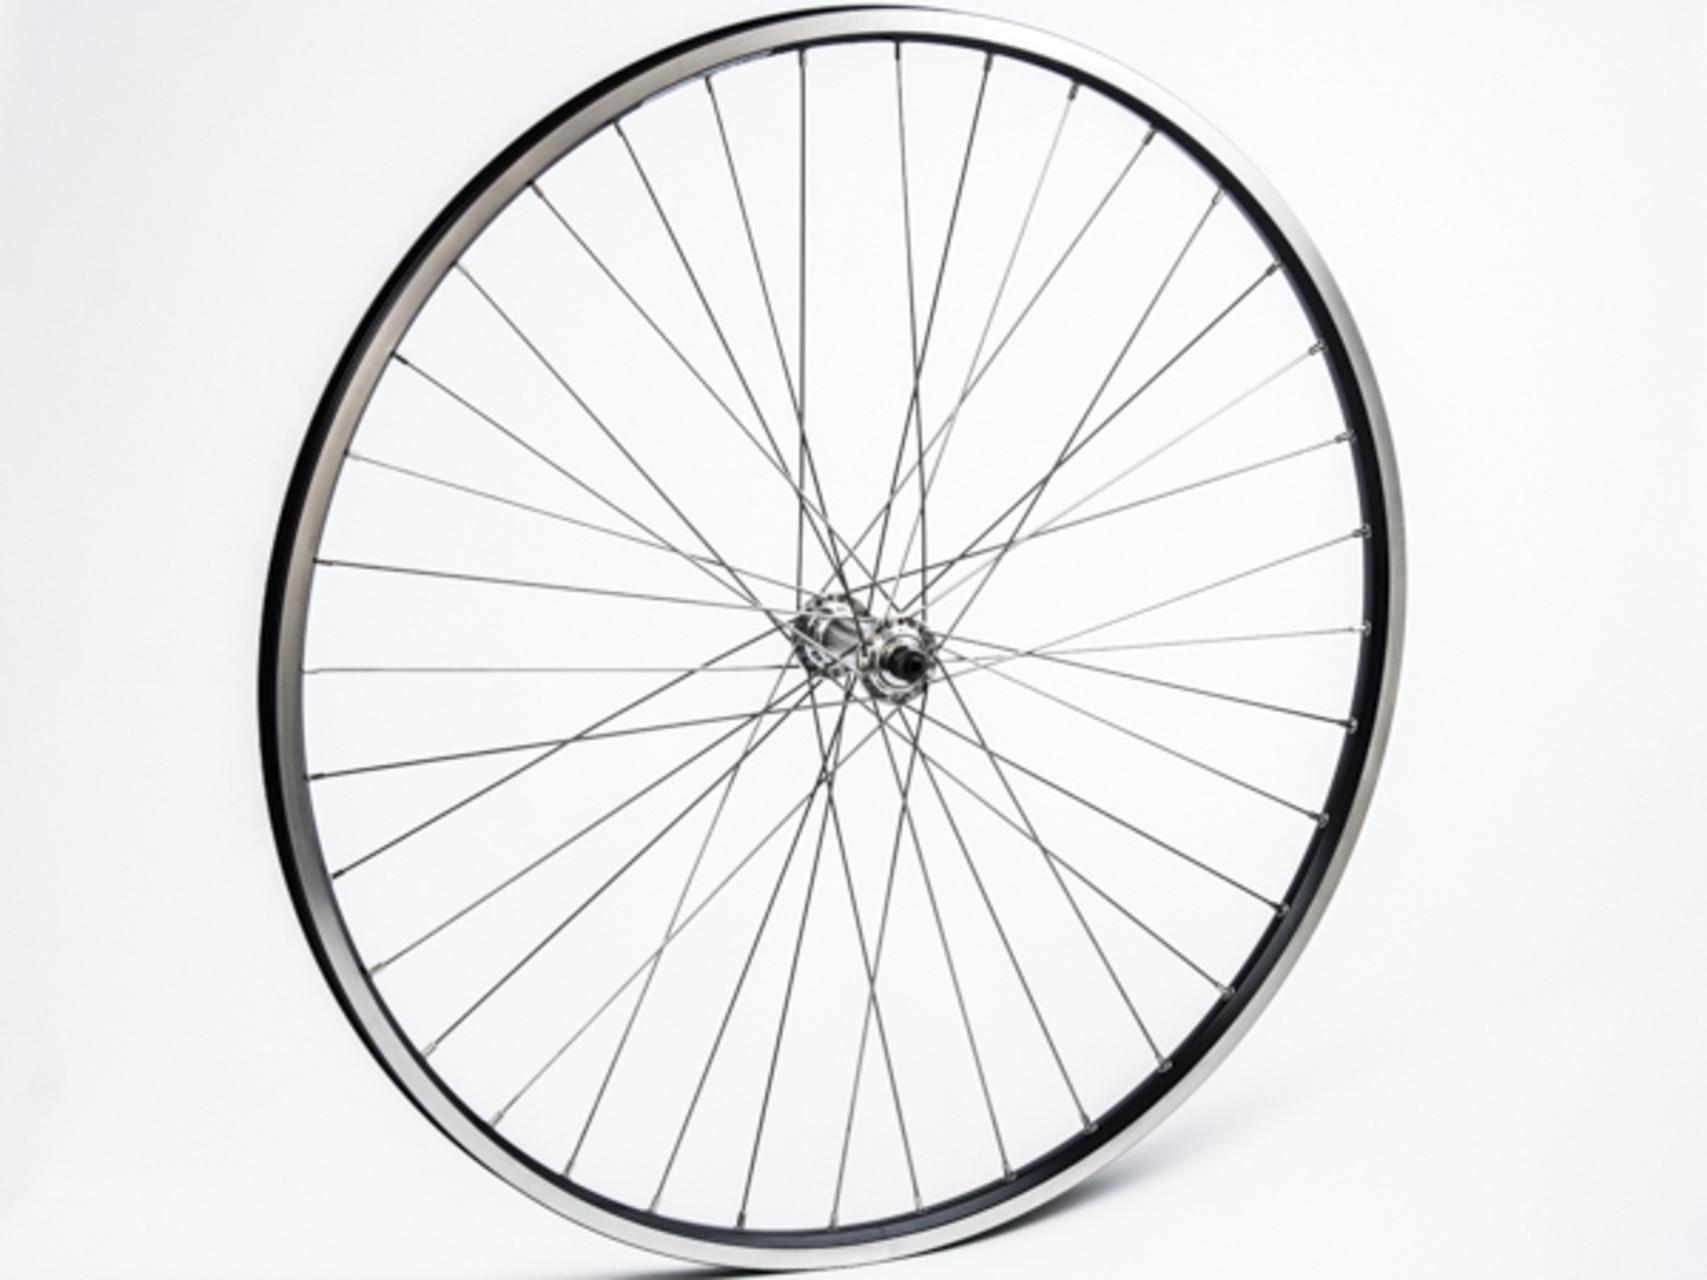 Connect citybike forhjul - 700c - Ryde ZAC19 fælg - QR nav - Sort/sølv   City